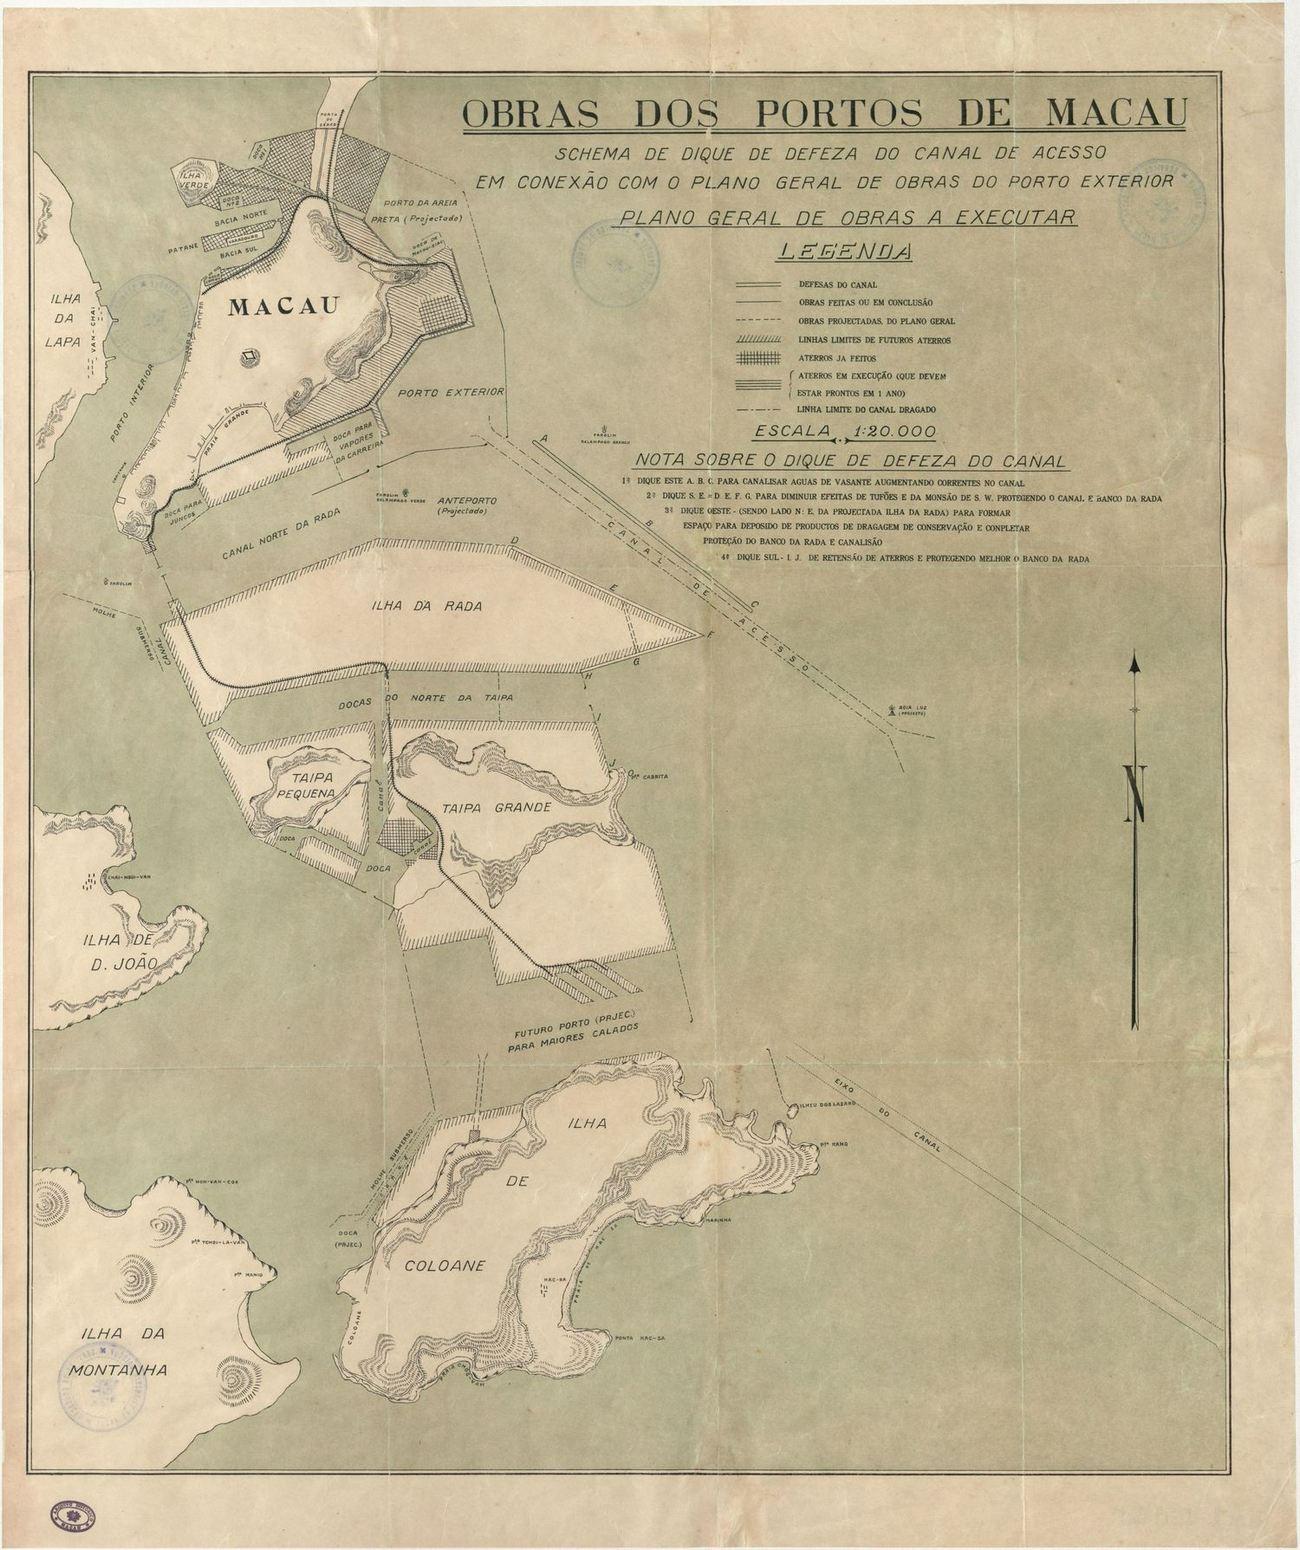 Exposição conta história da travessia marítima no território